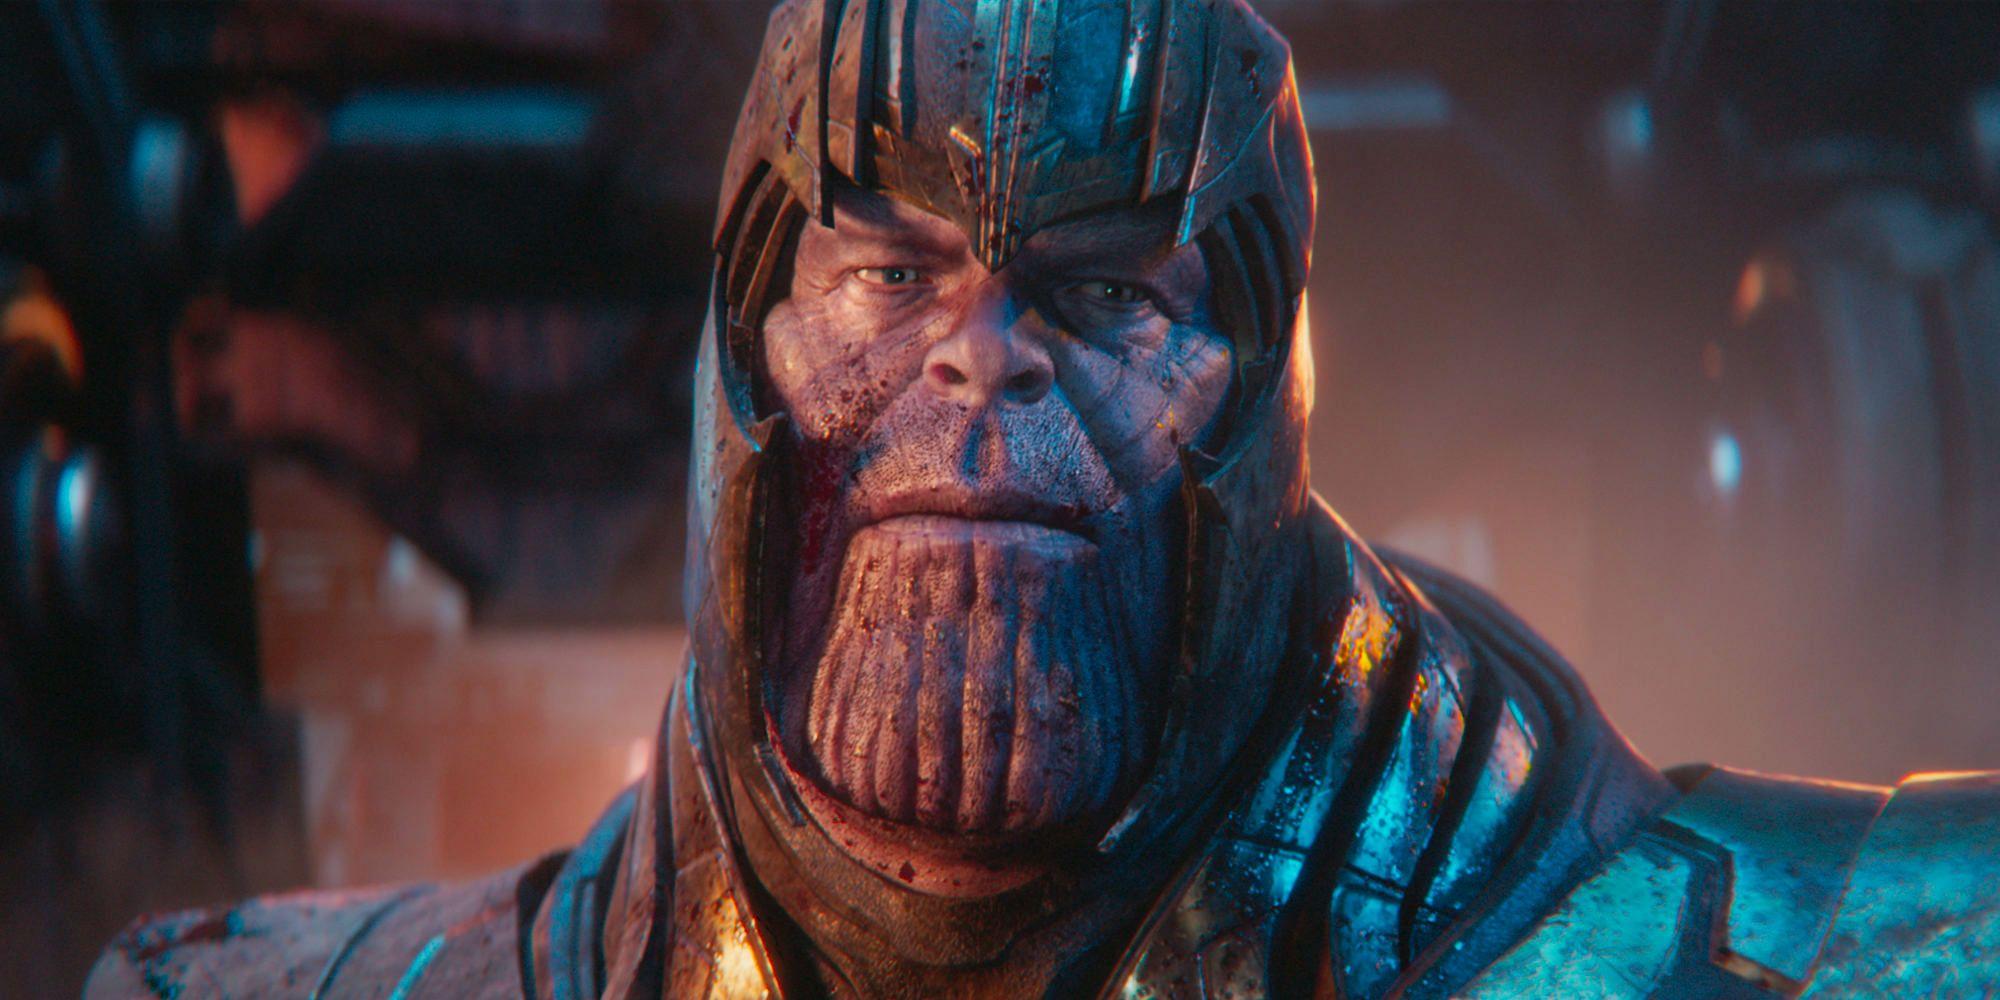 Танос теперь самый популярный кинозлодей — Дарт Вейдер остался позади